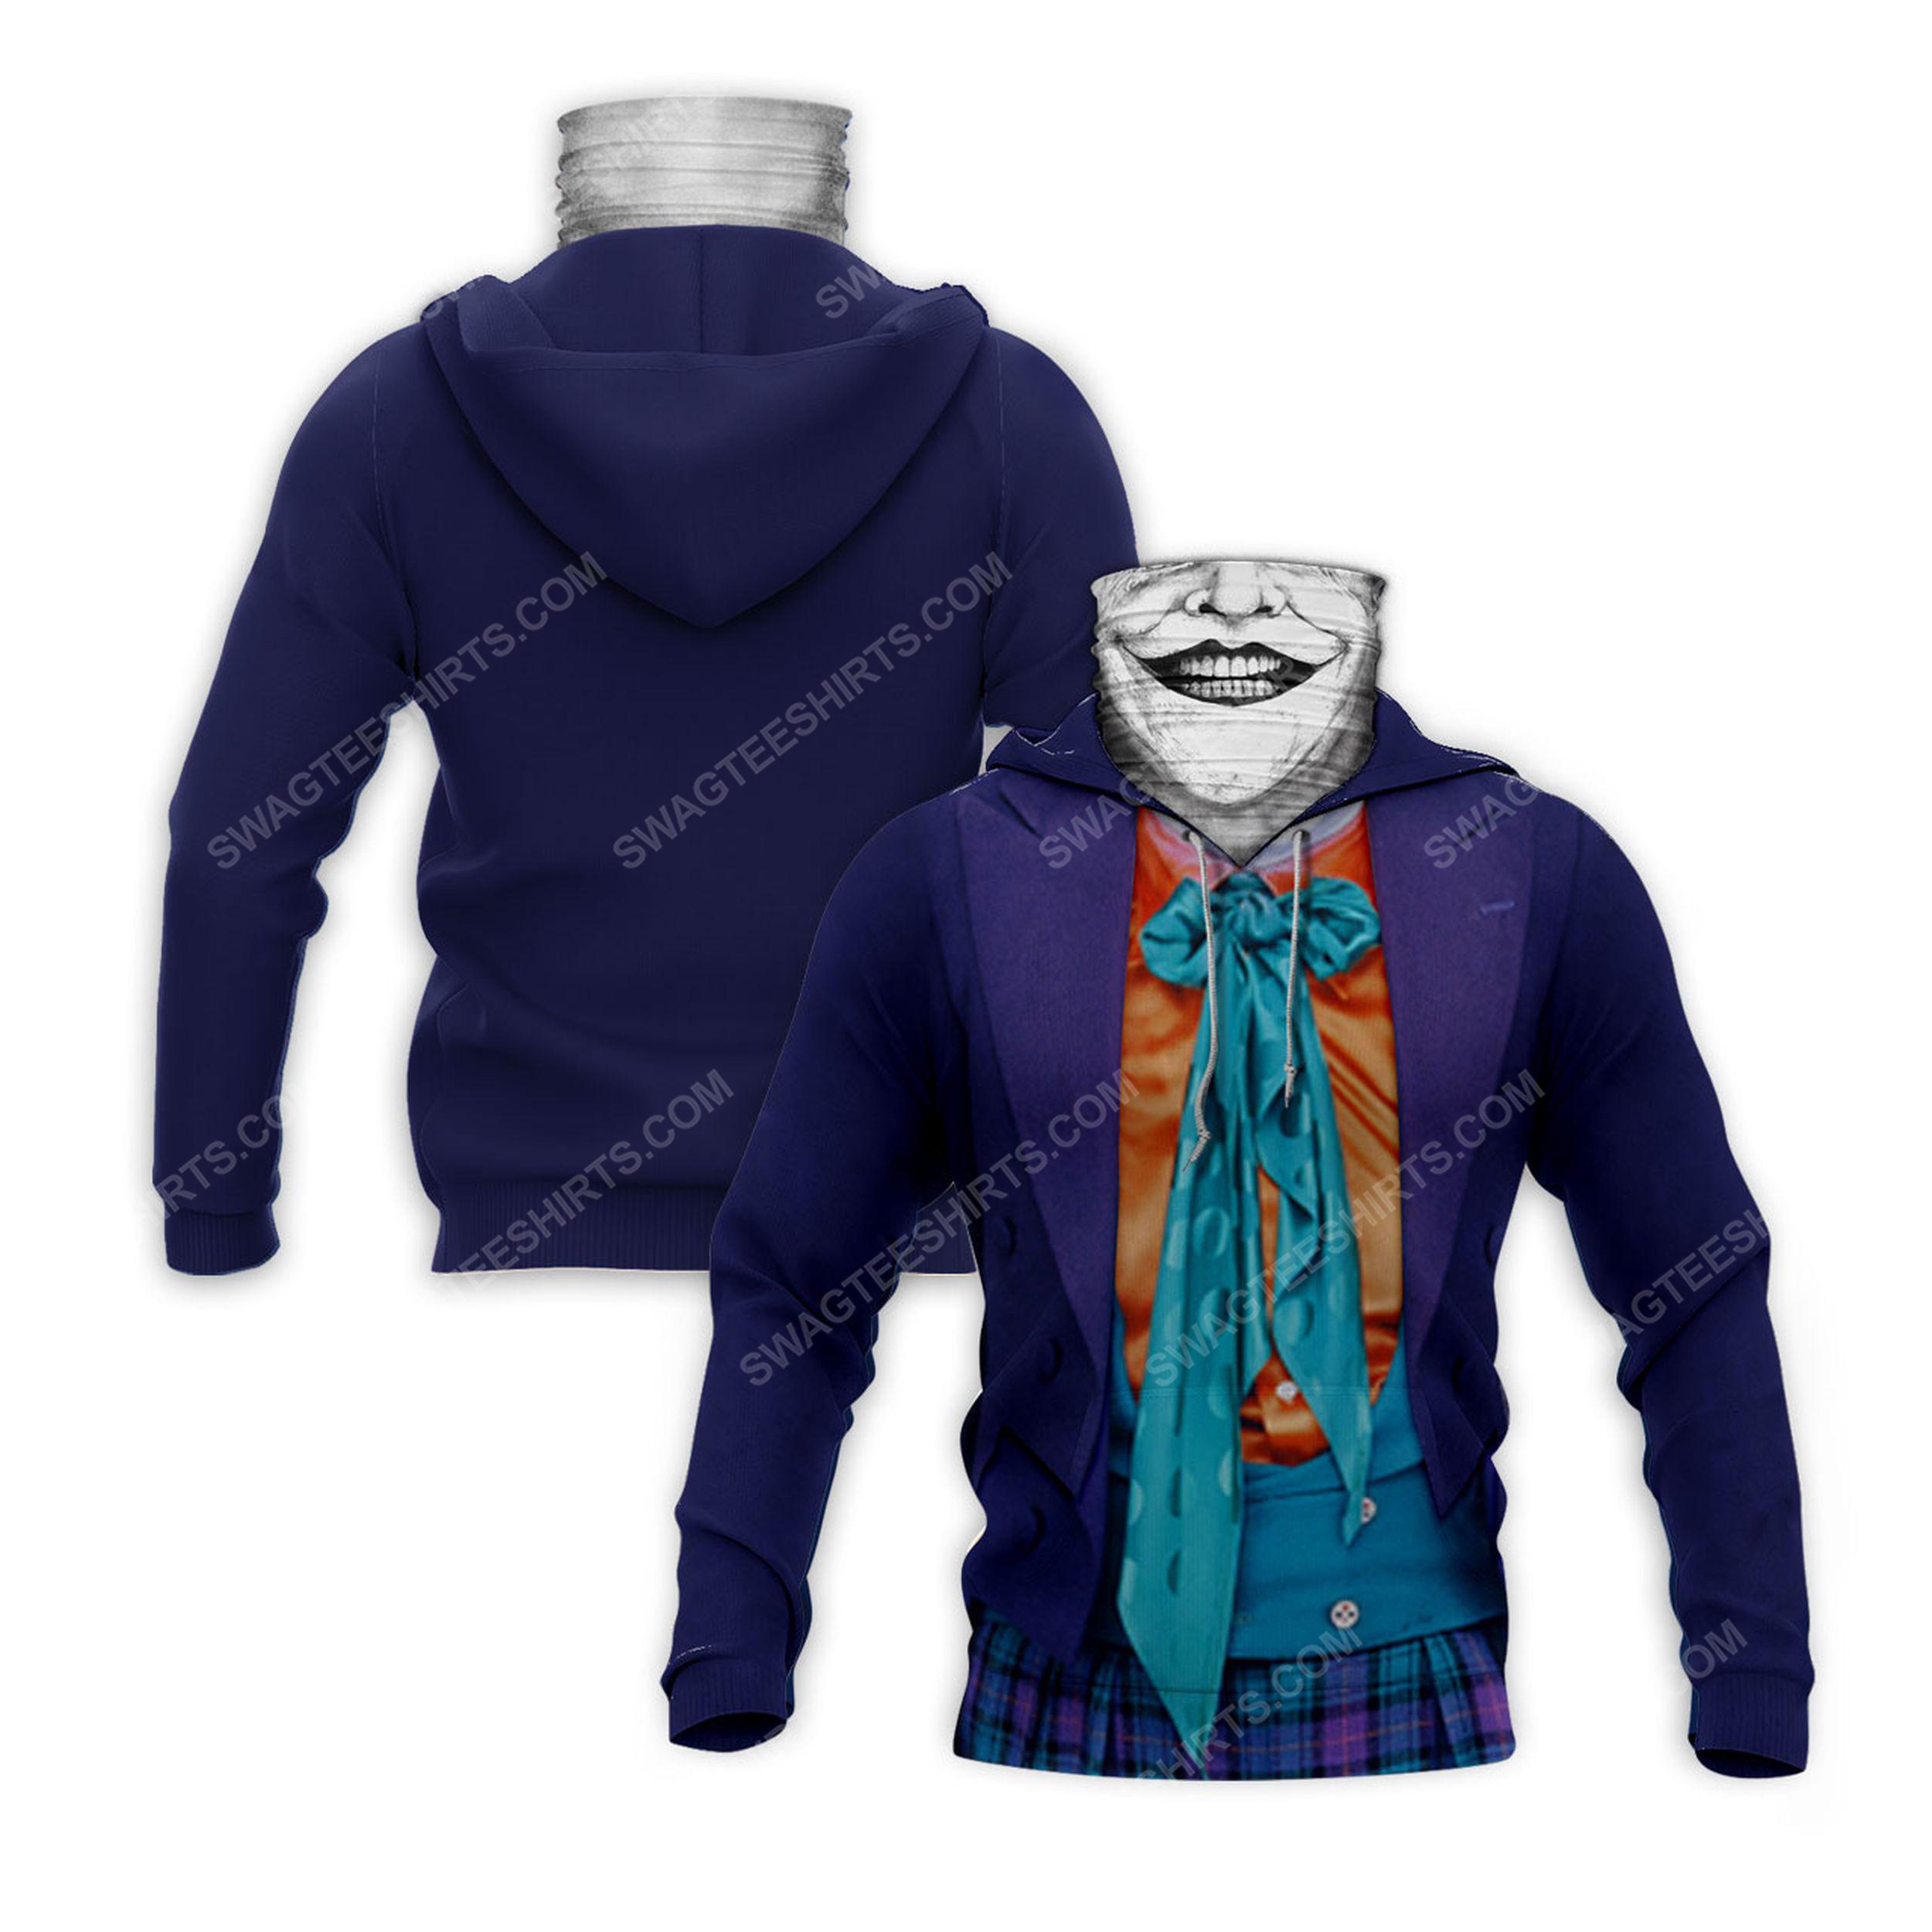 Horror movie joker for halloween full print mask hoodie 2(1)